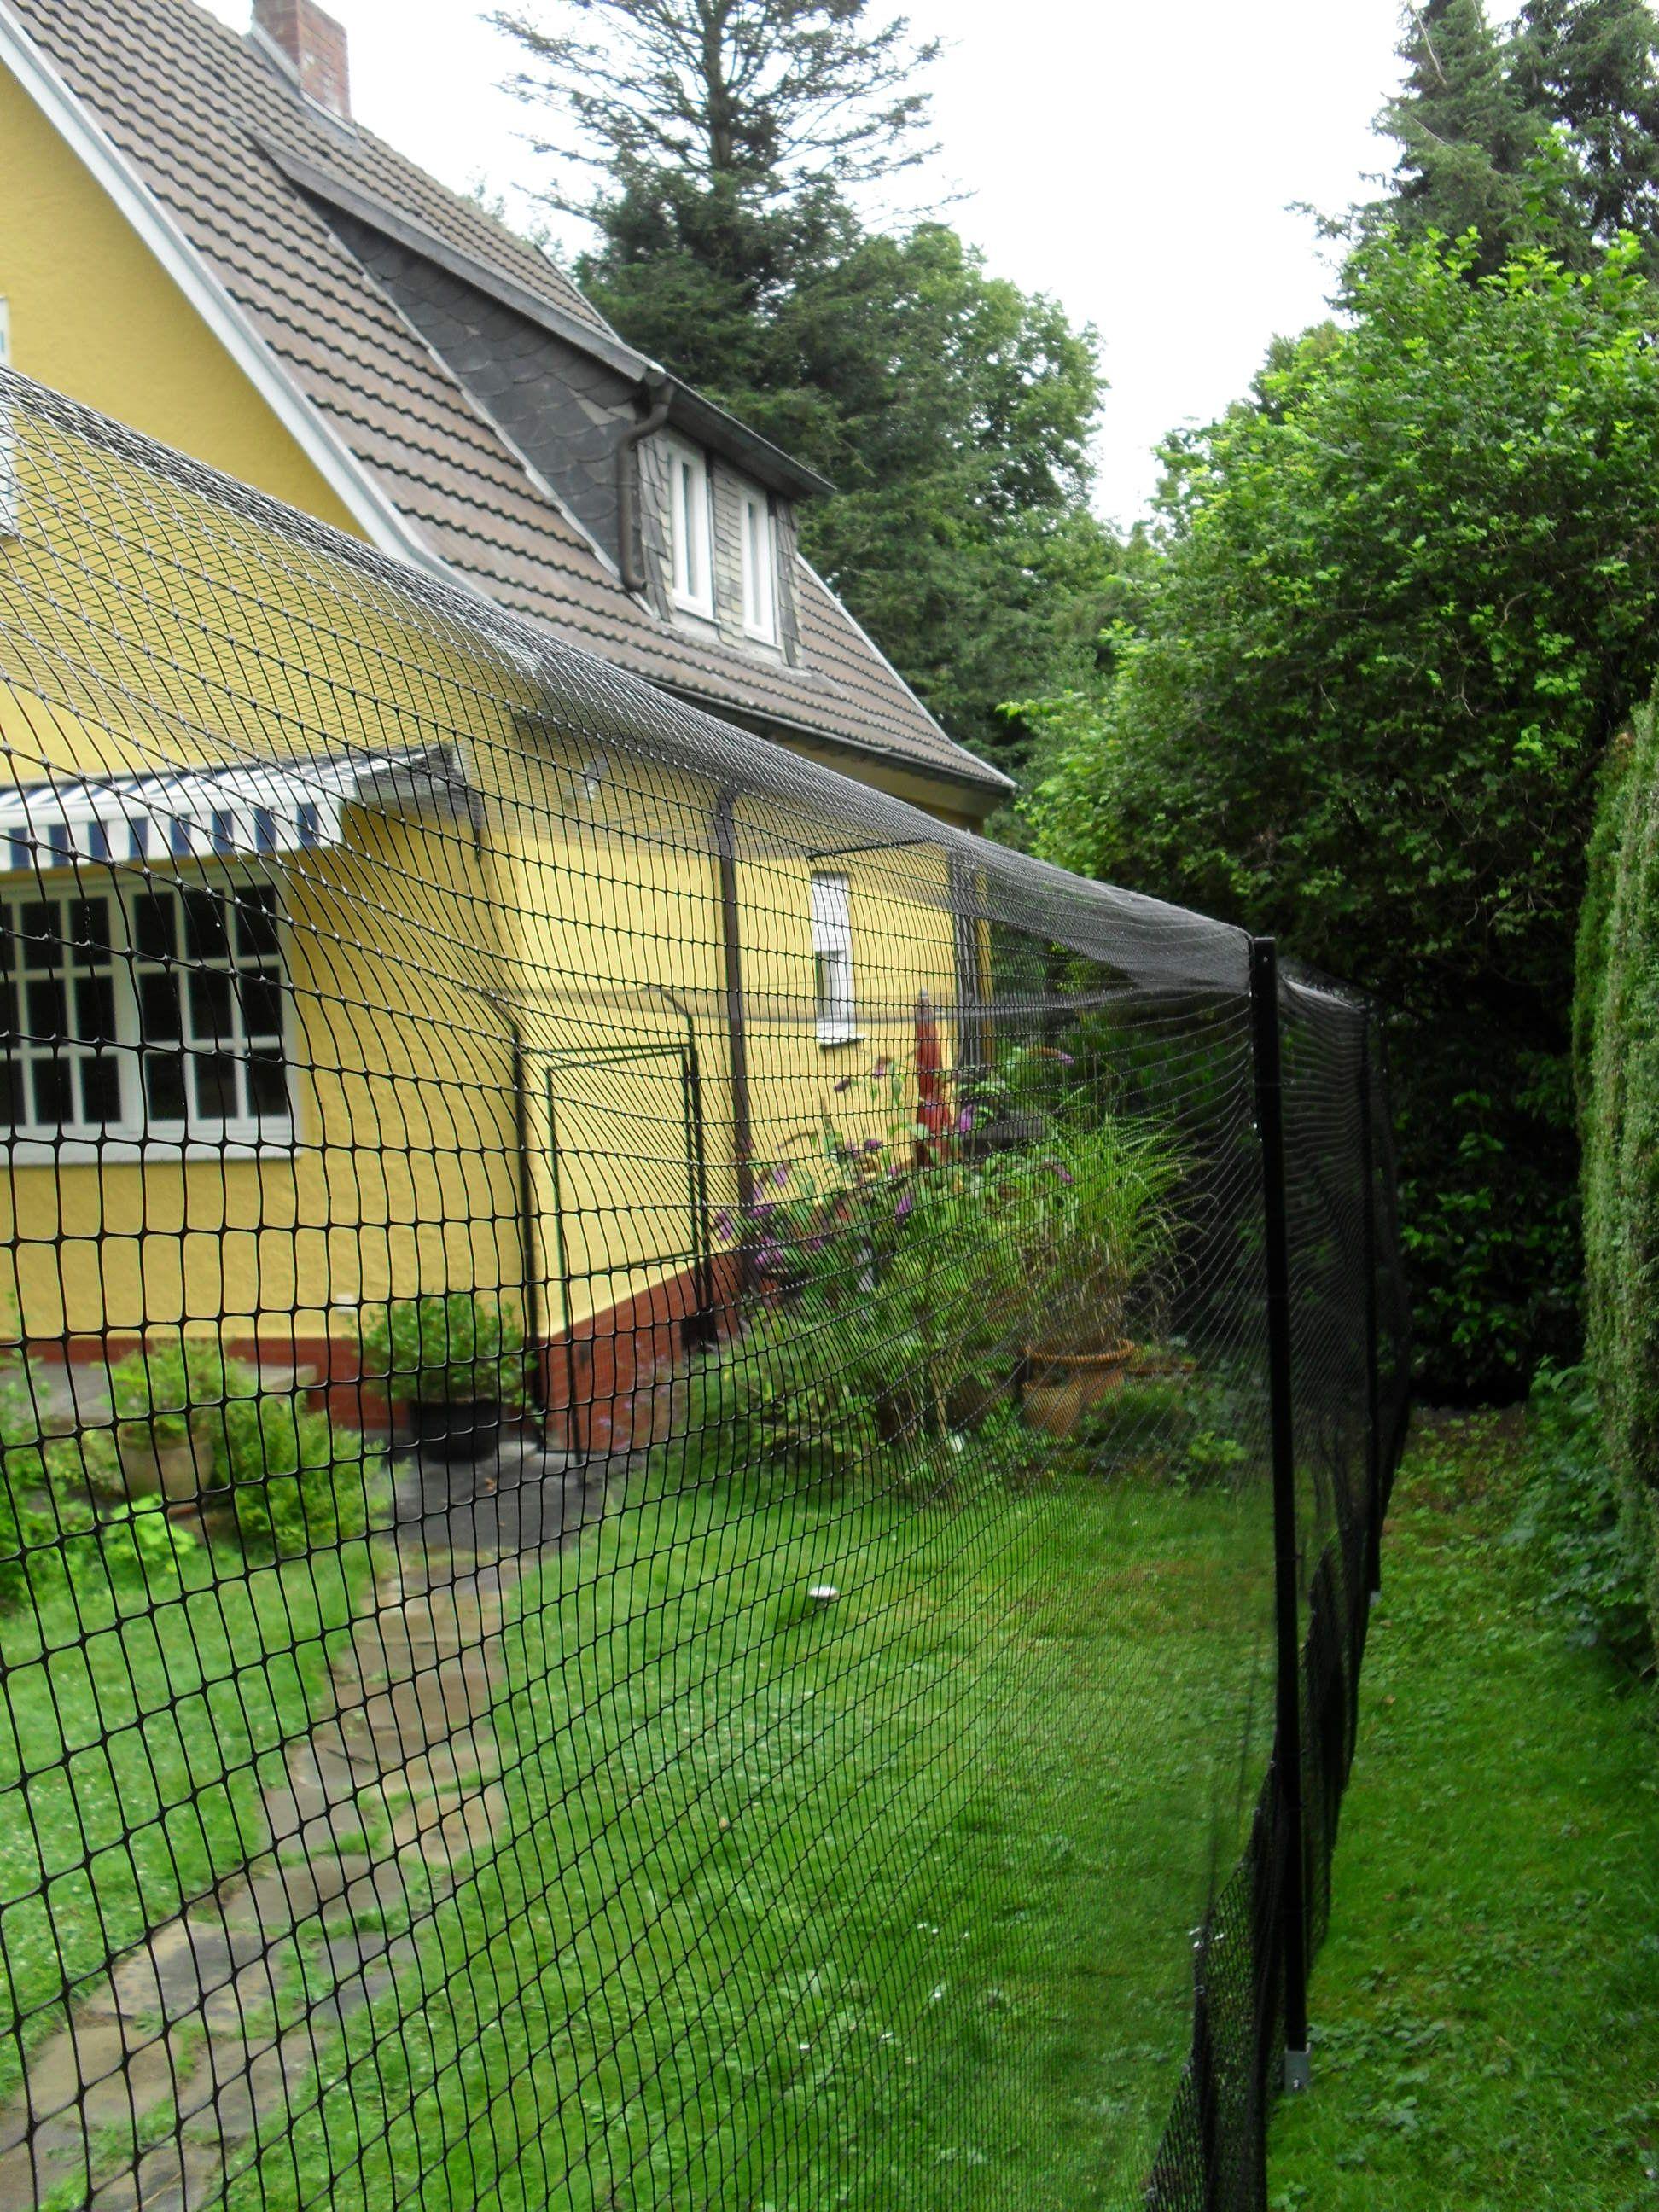 katzengehege system zur gartensicherung katzen pinterest katzen gif videos und katzen bilder. Black Bedroom Furniture Sets. Home Design Ideas